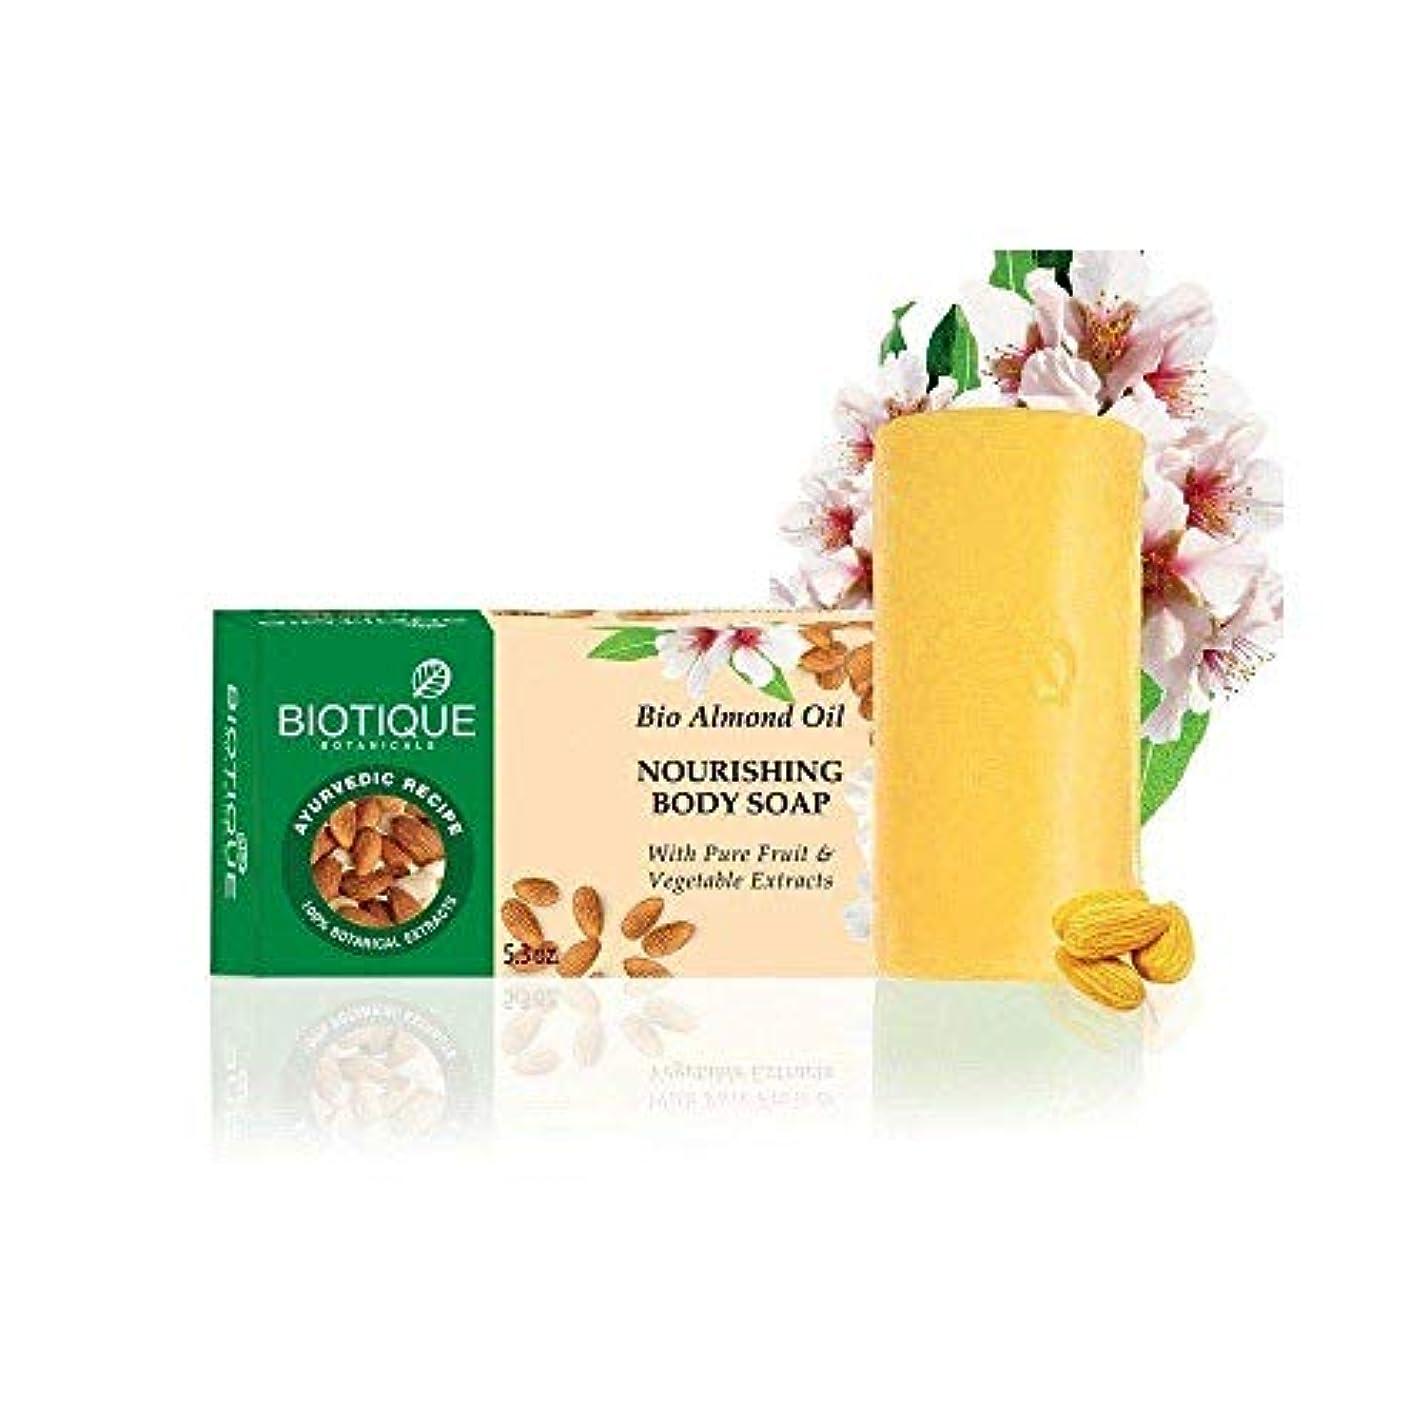 適合技術者ホースBiotique Bio Almond Oil Nourishing Body Soap - 150g (Pack of 2) wash Impurities Biotique Bio Almond Oilナリッシングボディソープ...